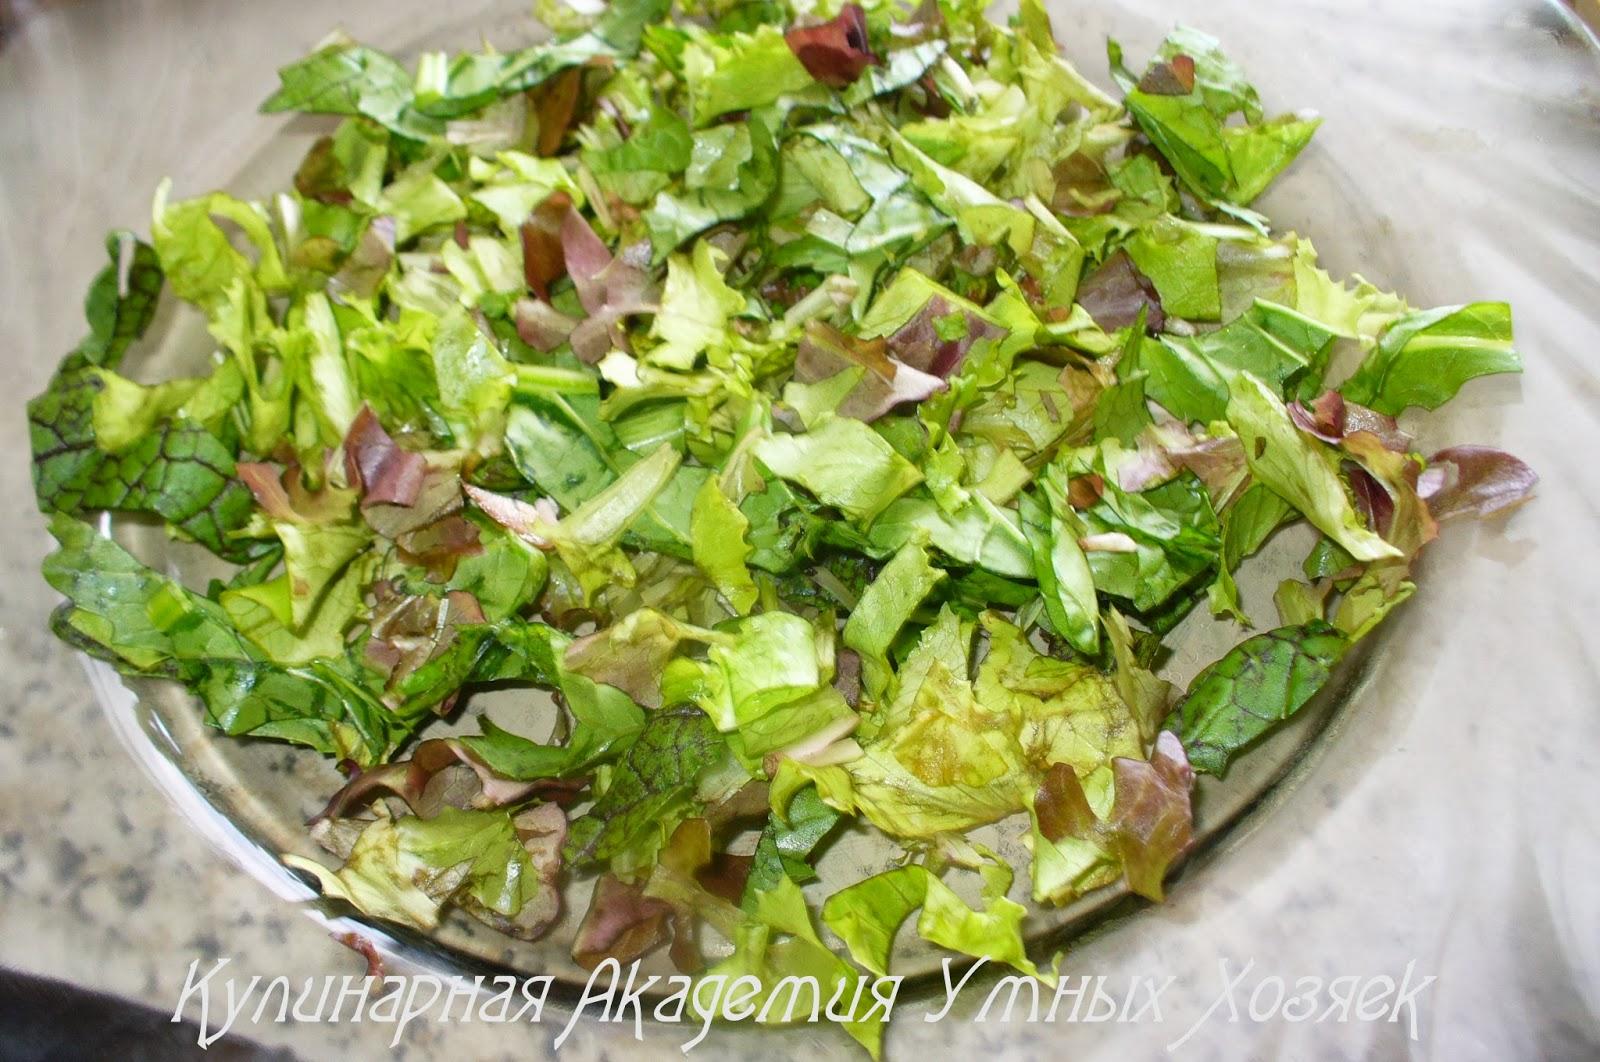 первый слой - салатные листья